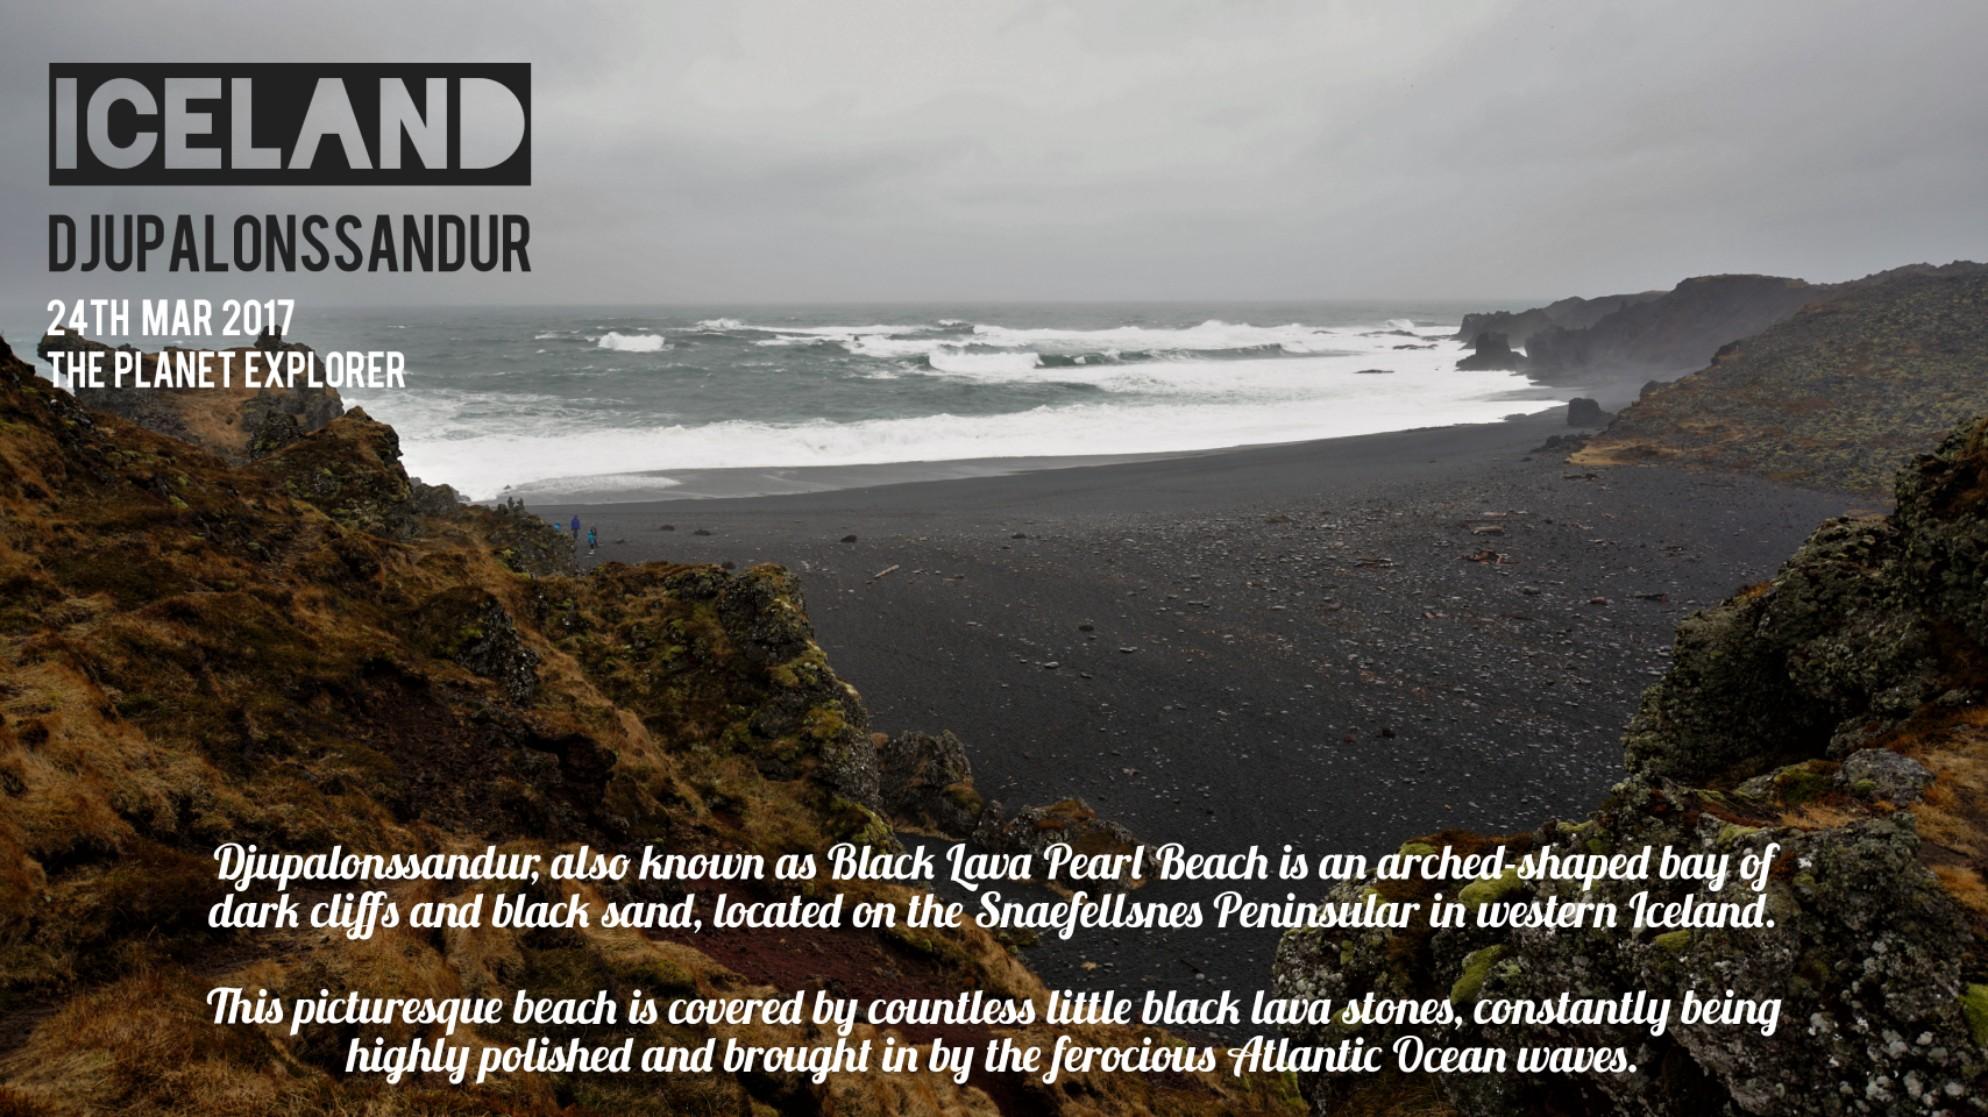 20170324_1525_Iceland_Djupalonssandur_DSC02955_Sony a7R2_6.36mb_16x9_@_www-1988x1117